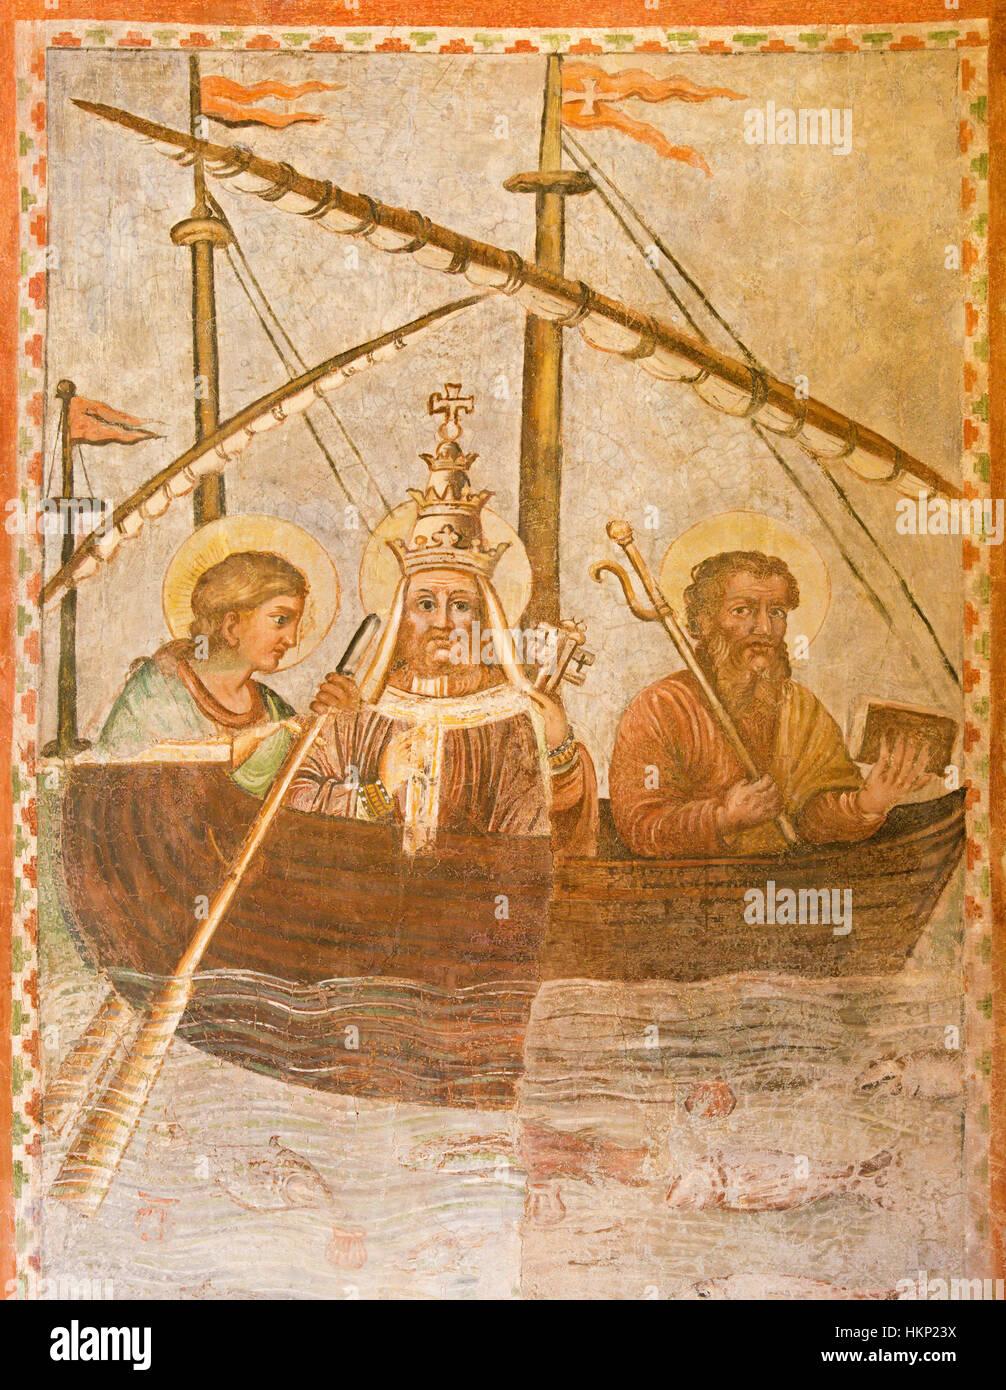 ROME, ITALIE - 12 mars 2016: la fresque symbolique du pape sur le navire de l'Église dans l'église Photo Stock